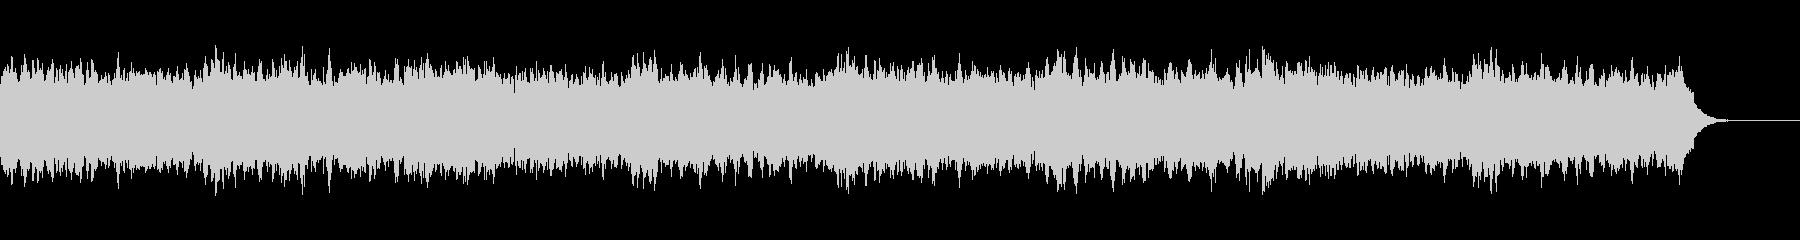 幻想的ヒーリングBGMの未再生の波形